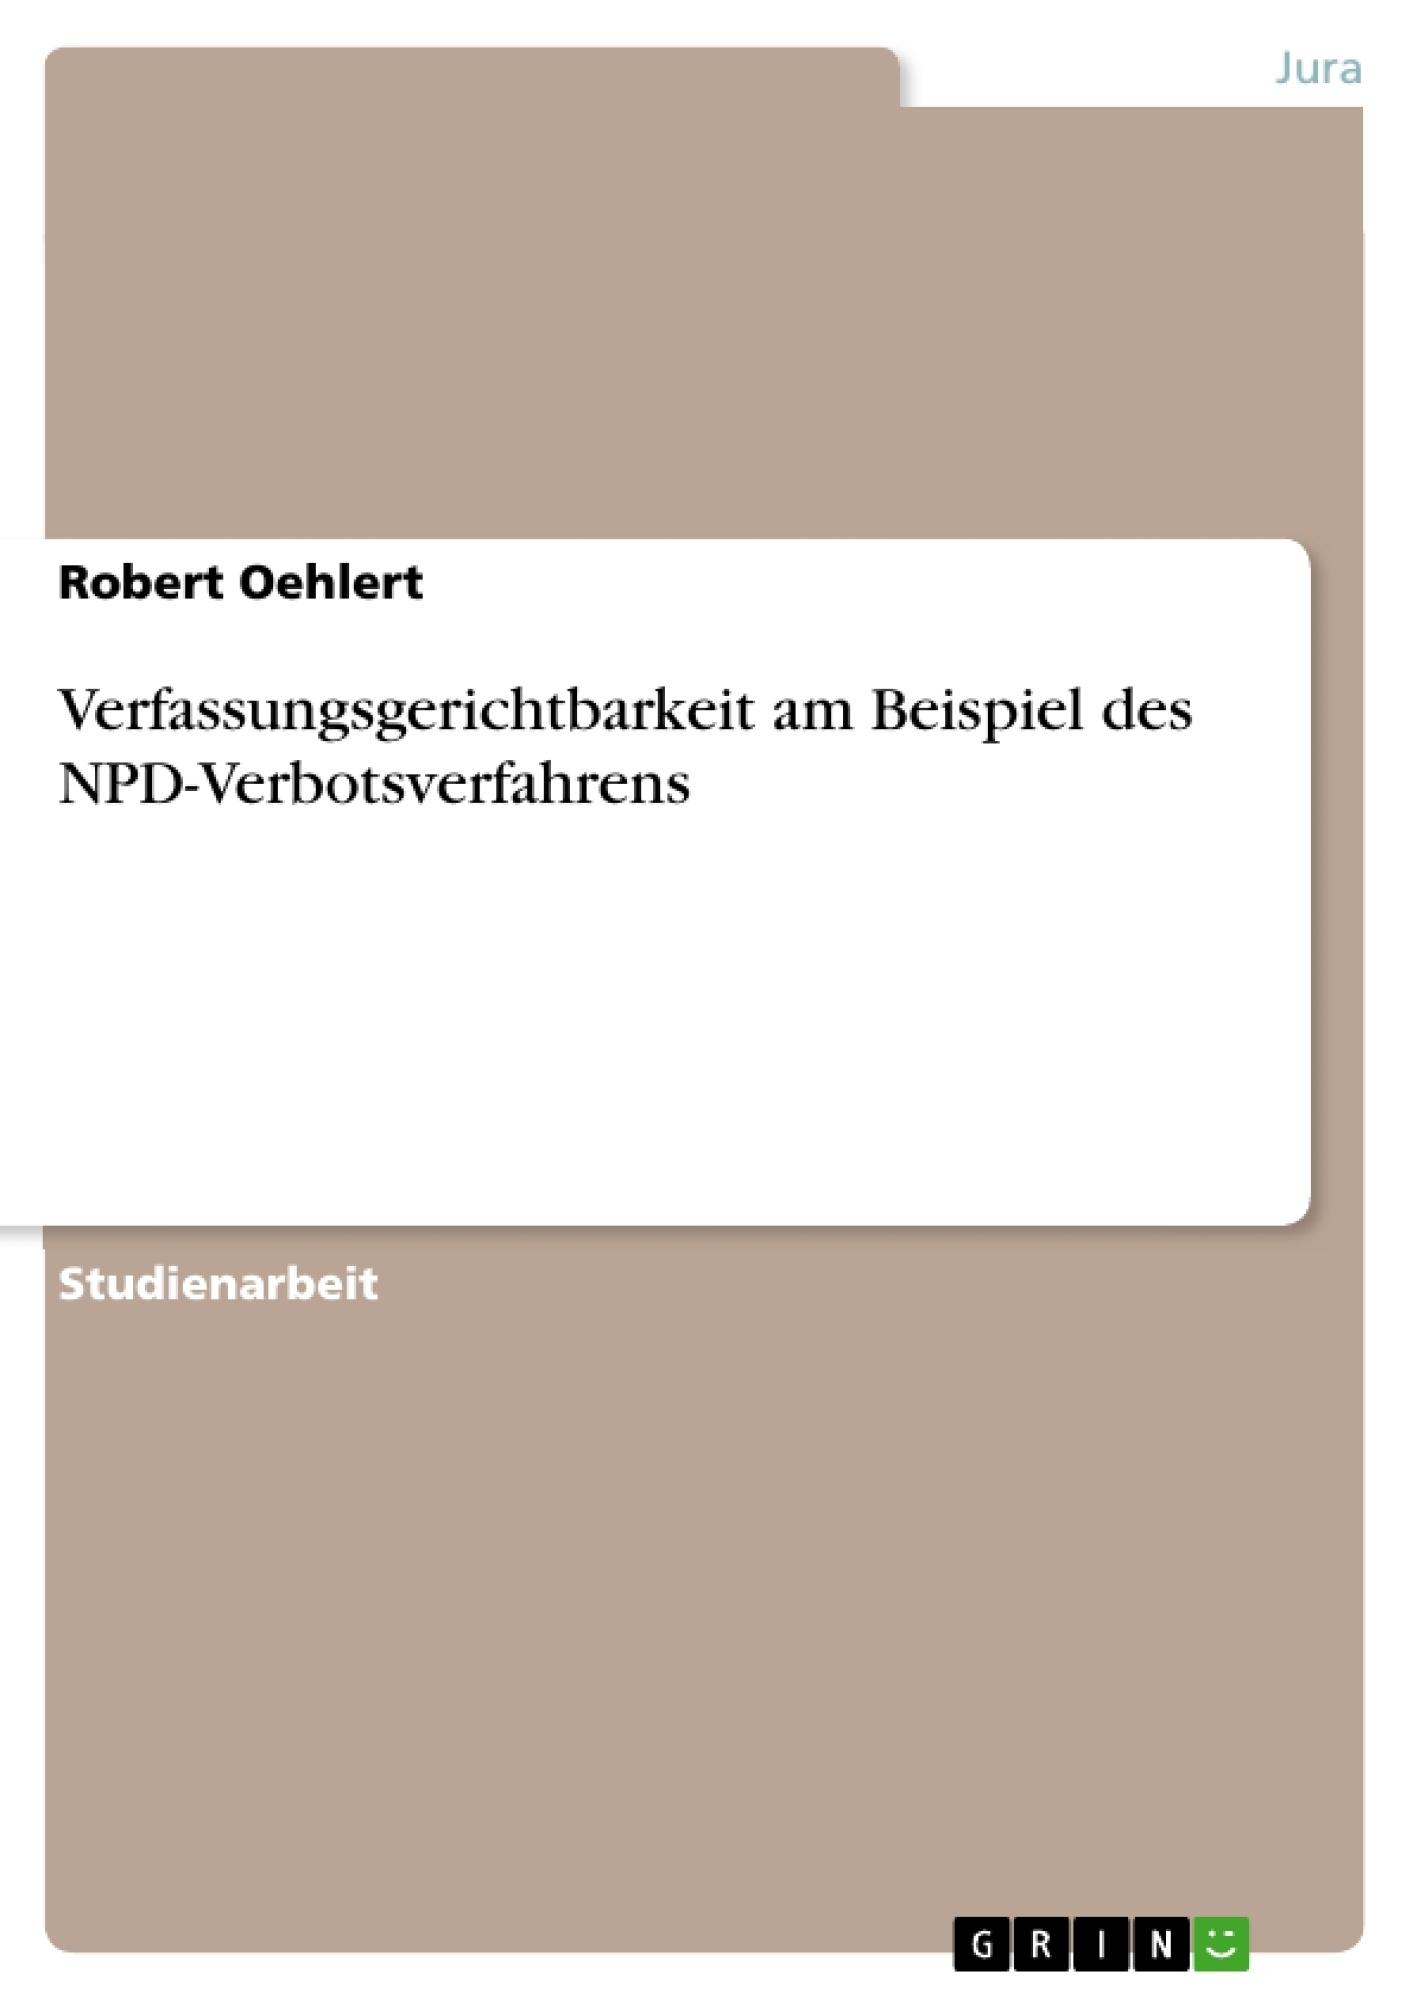 Titel: Verfassungsgerichtbarkeit am Beispiel des NPD-Verbotsverfahrens